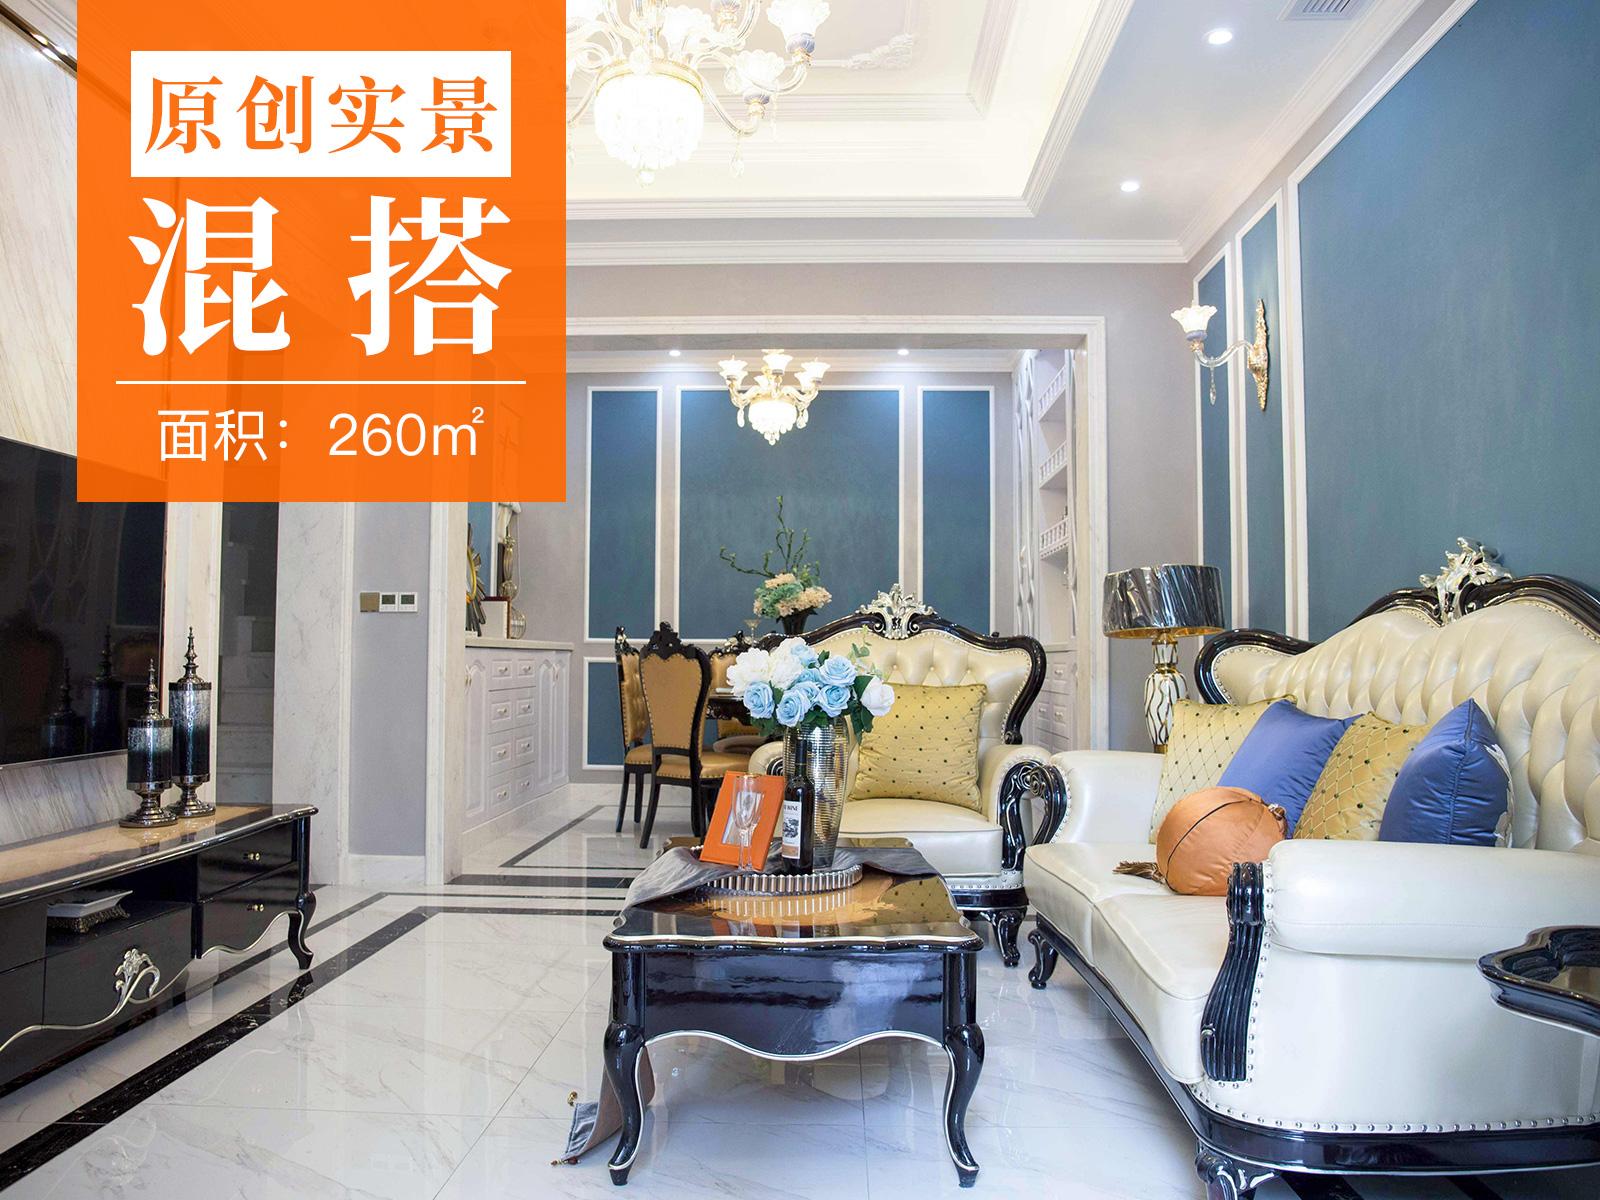 【乐尚实景】旭辉城260平米联排四室三厅法式风格